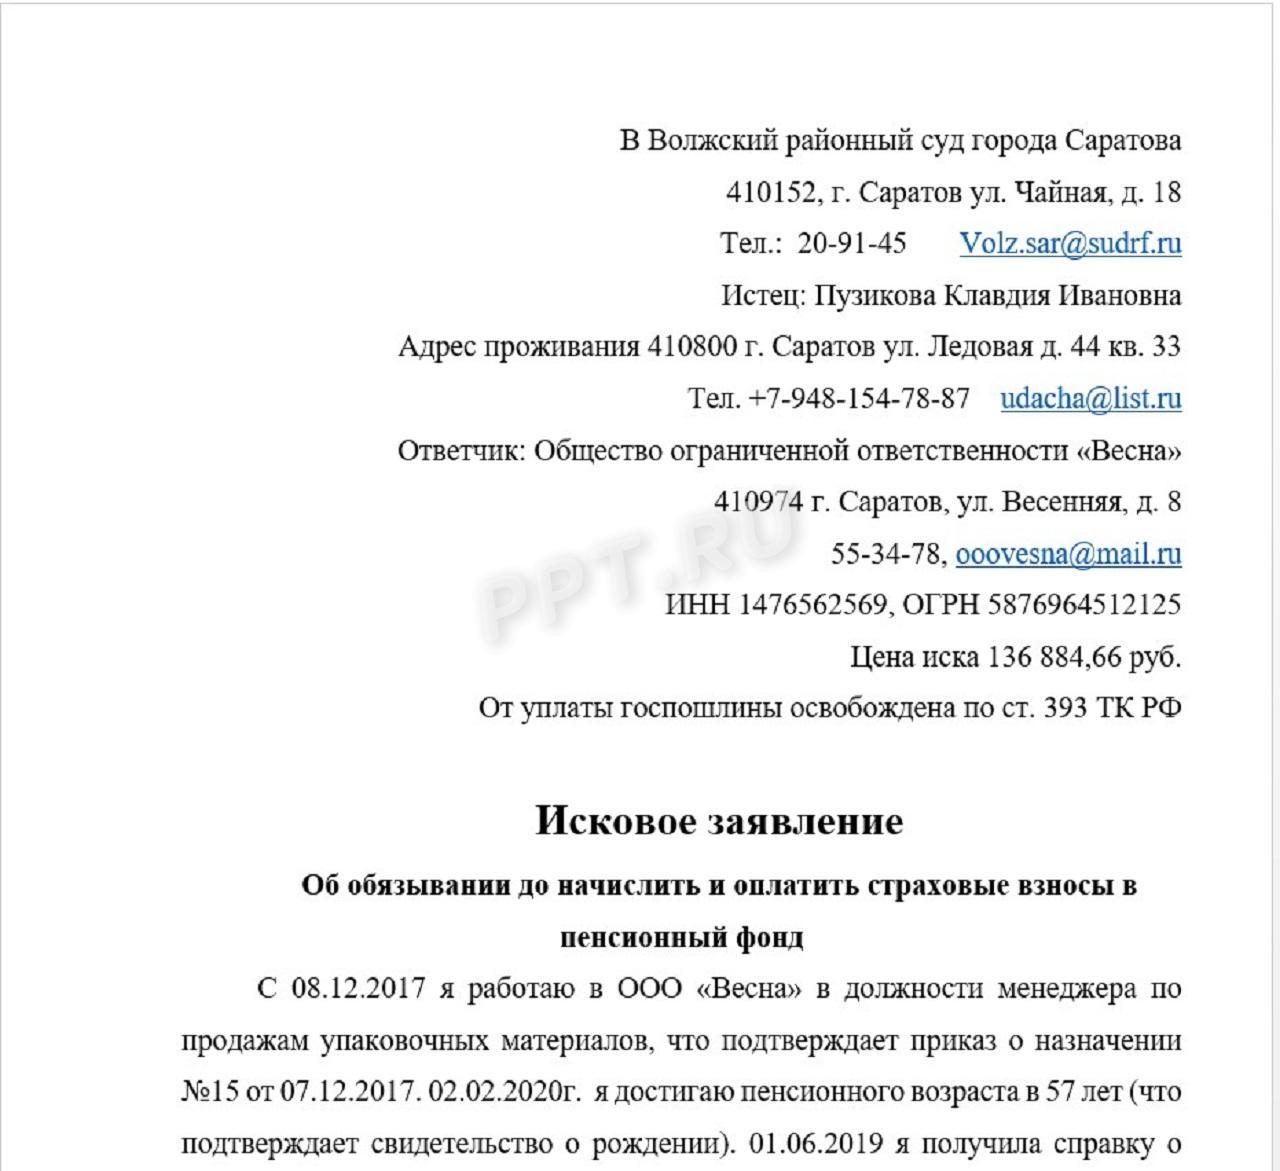 /fls/76502/iskovoye-zayavleniye-ob-obyazyvanii-donachislit-i-oplatit-strakhovyye-vznosy-v-pensionny-fond.jpg